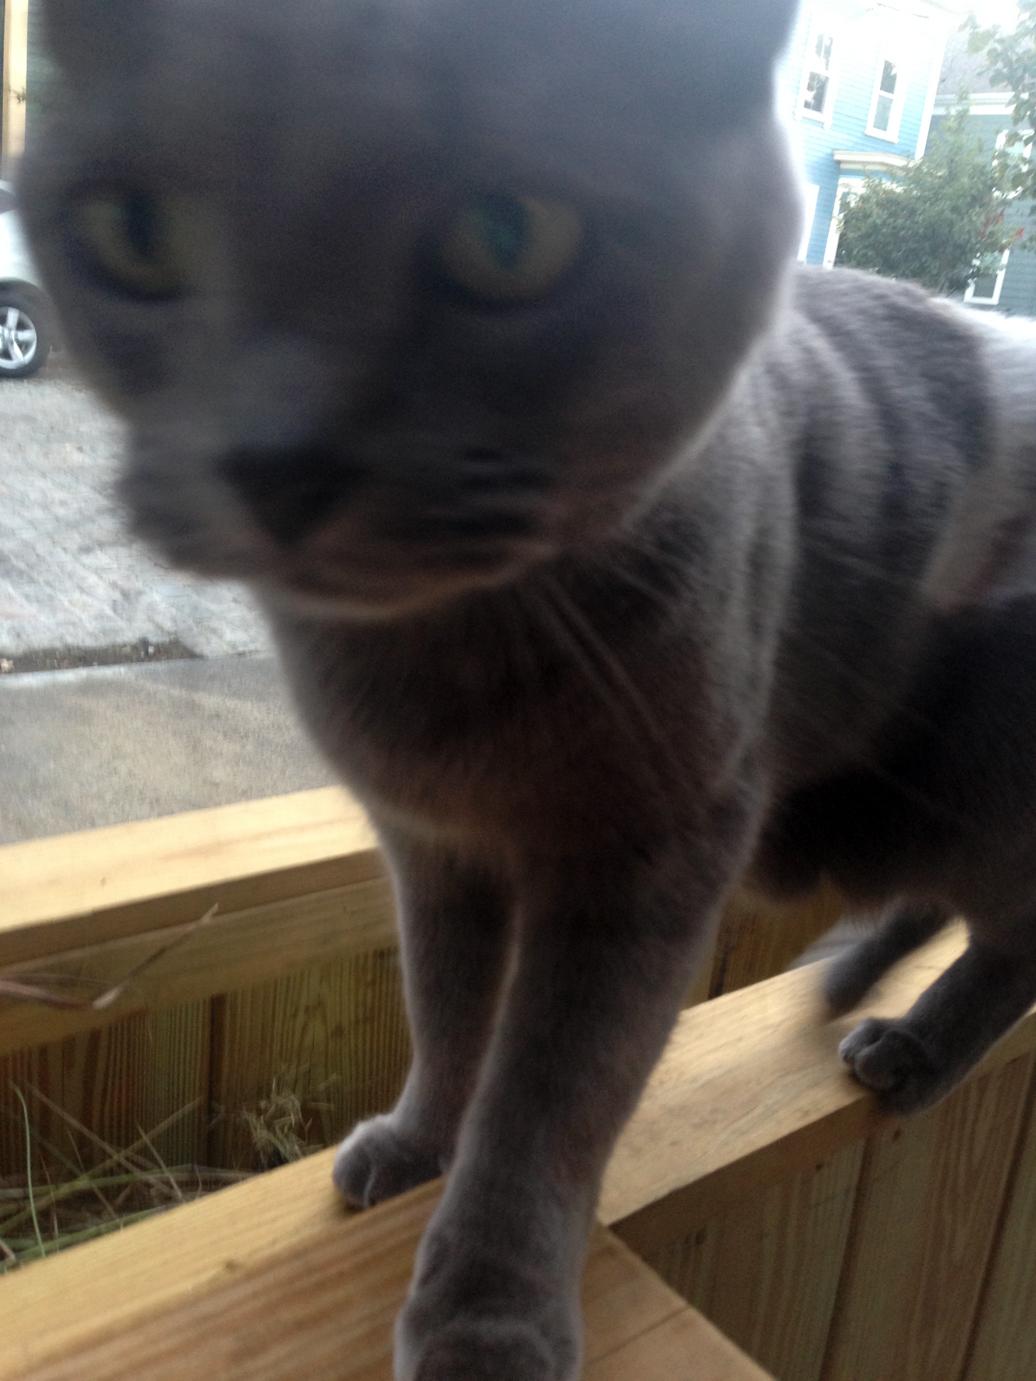 Kitty action shot!